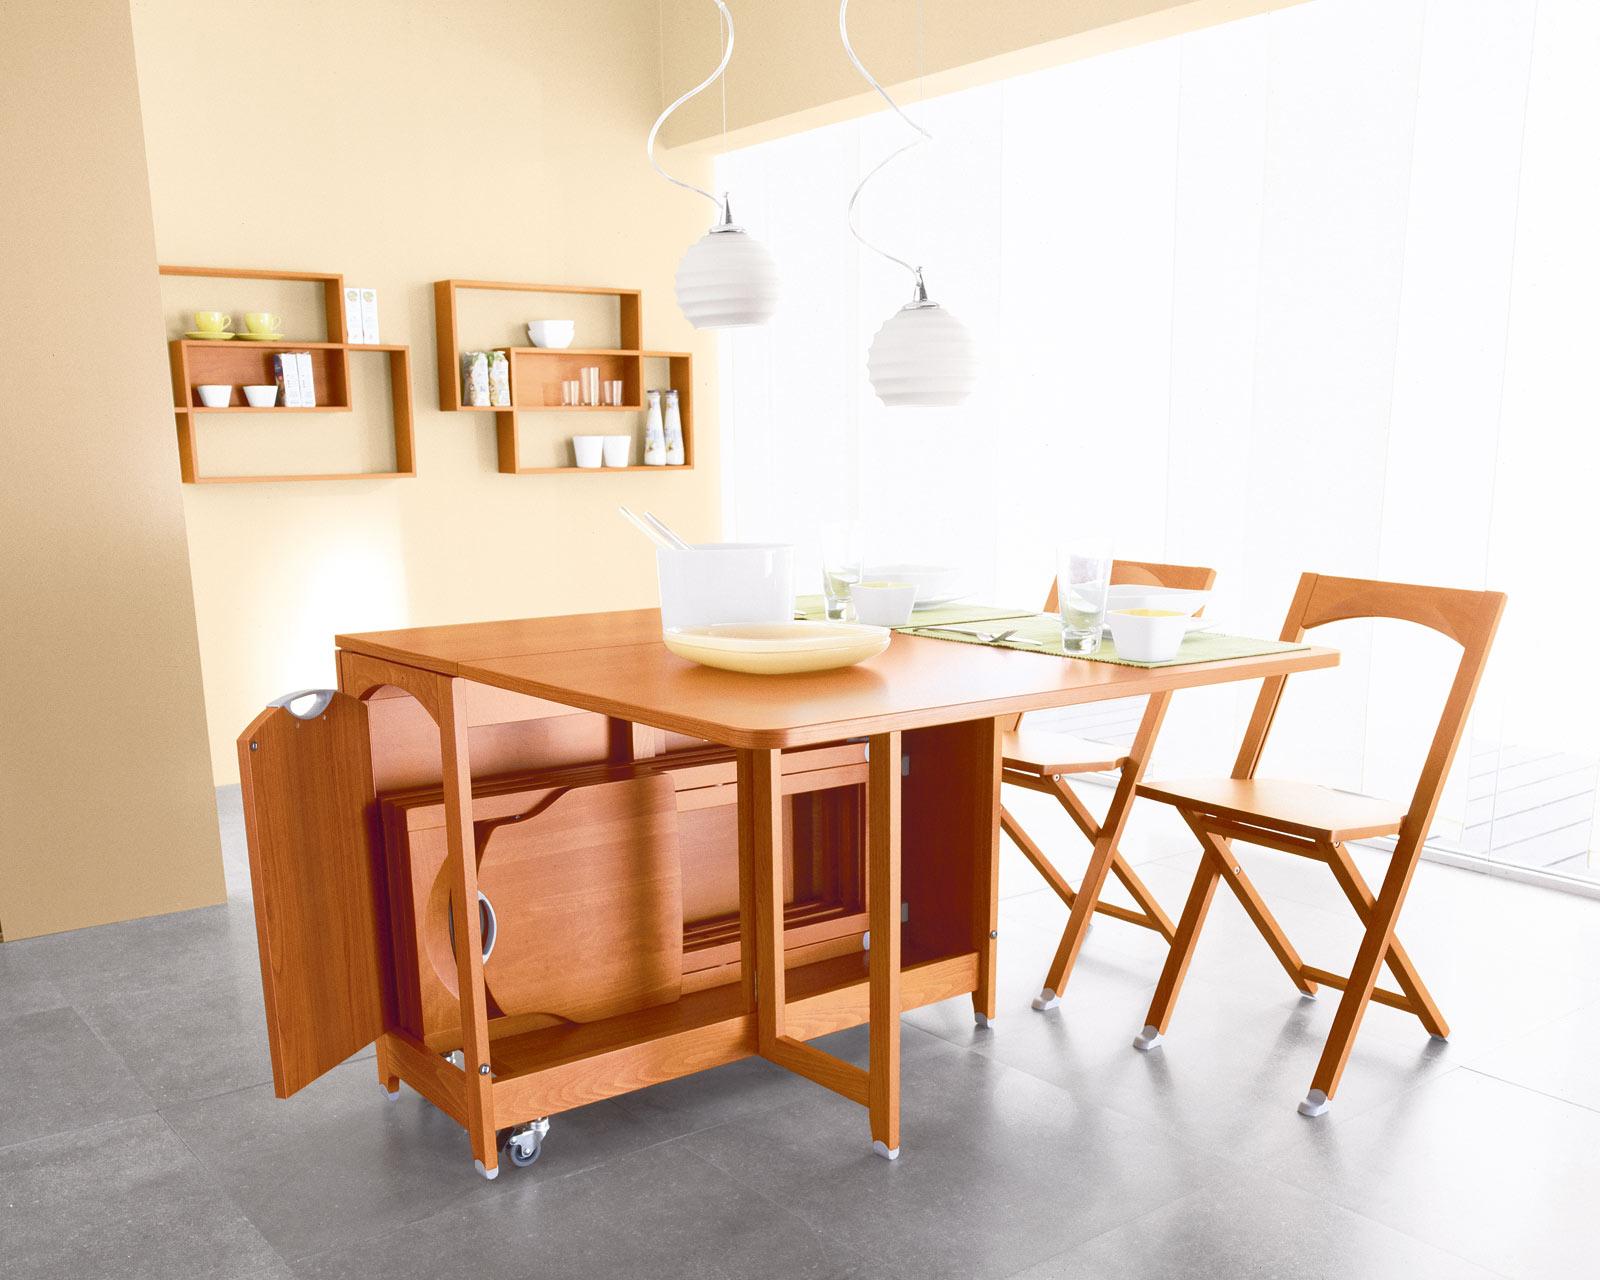 Складной стол и стулья на кухне в однокомнатной квартире